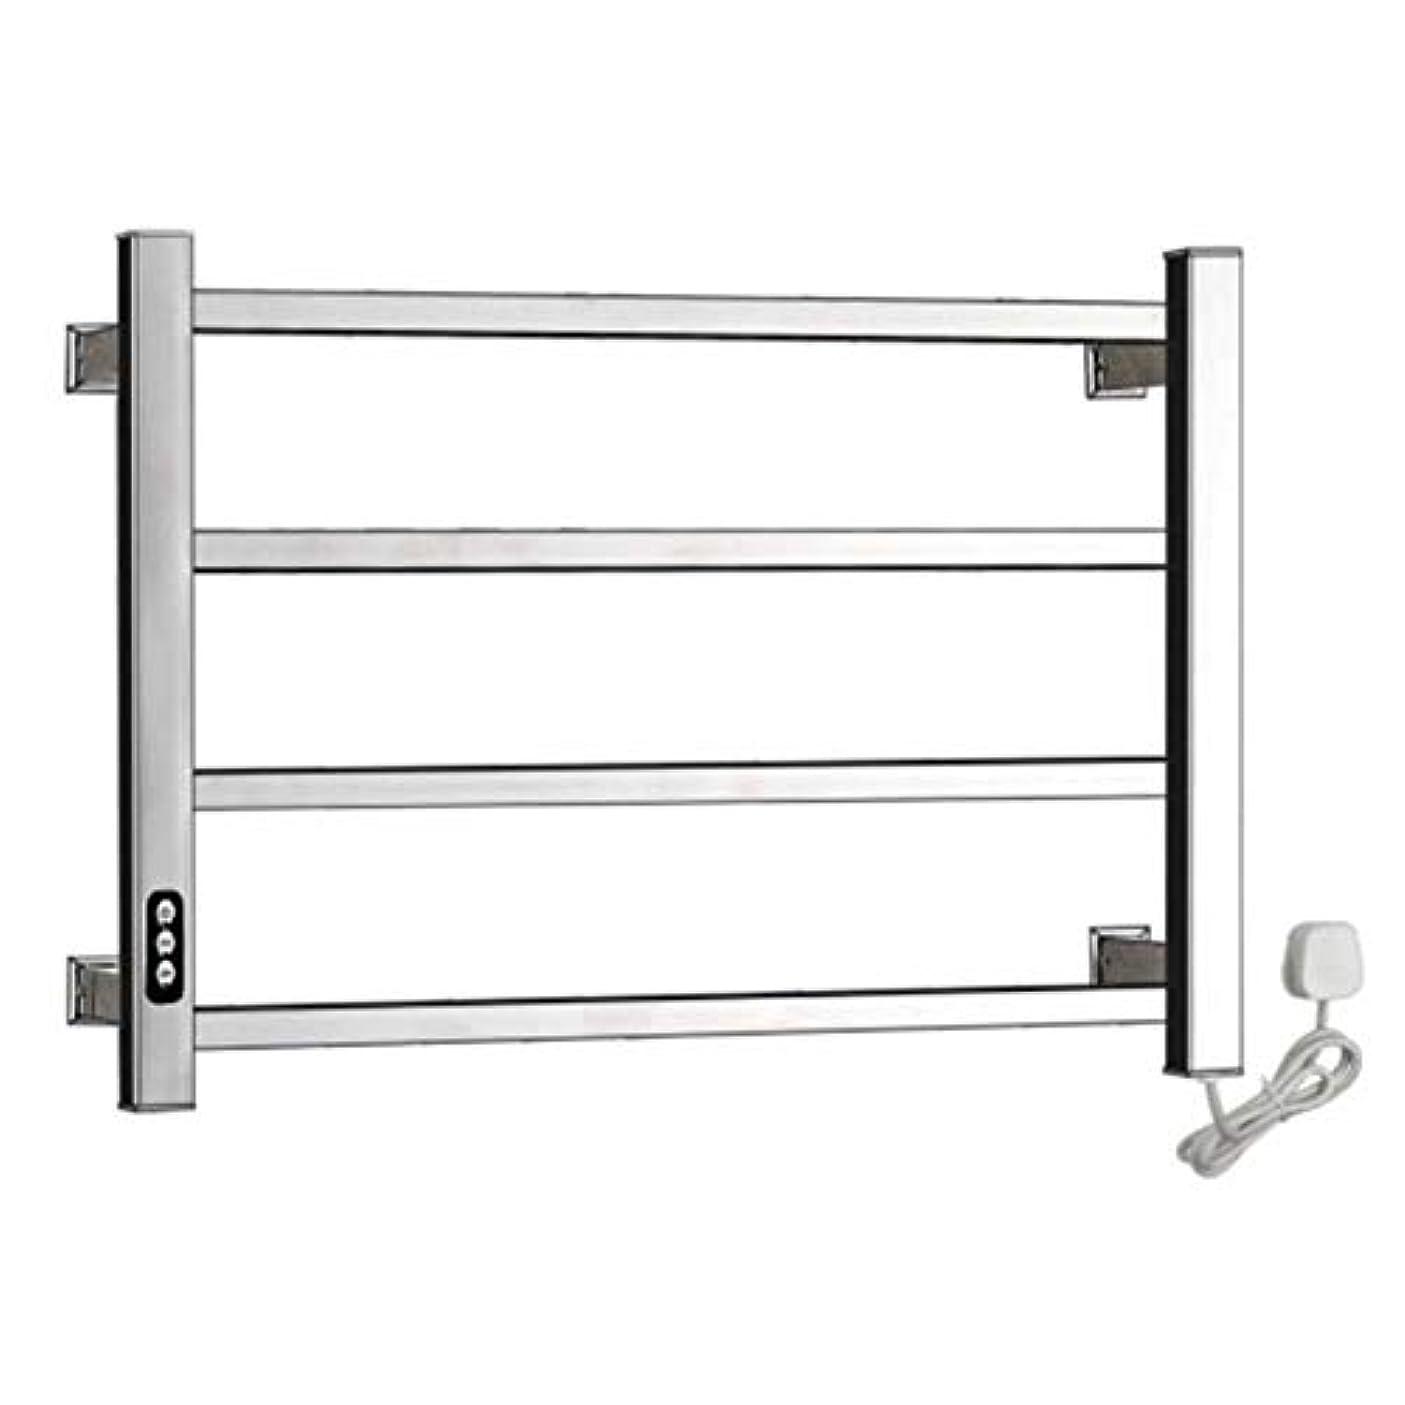 以降ダイジェスト満足304ステンレス鋼電気タオルウォーマー、加熱タオルラックラジエーター、壁掛け式浴室乾燥ラック、恒温乾燥、防水および防錆、450X600X110mm